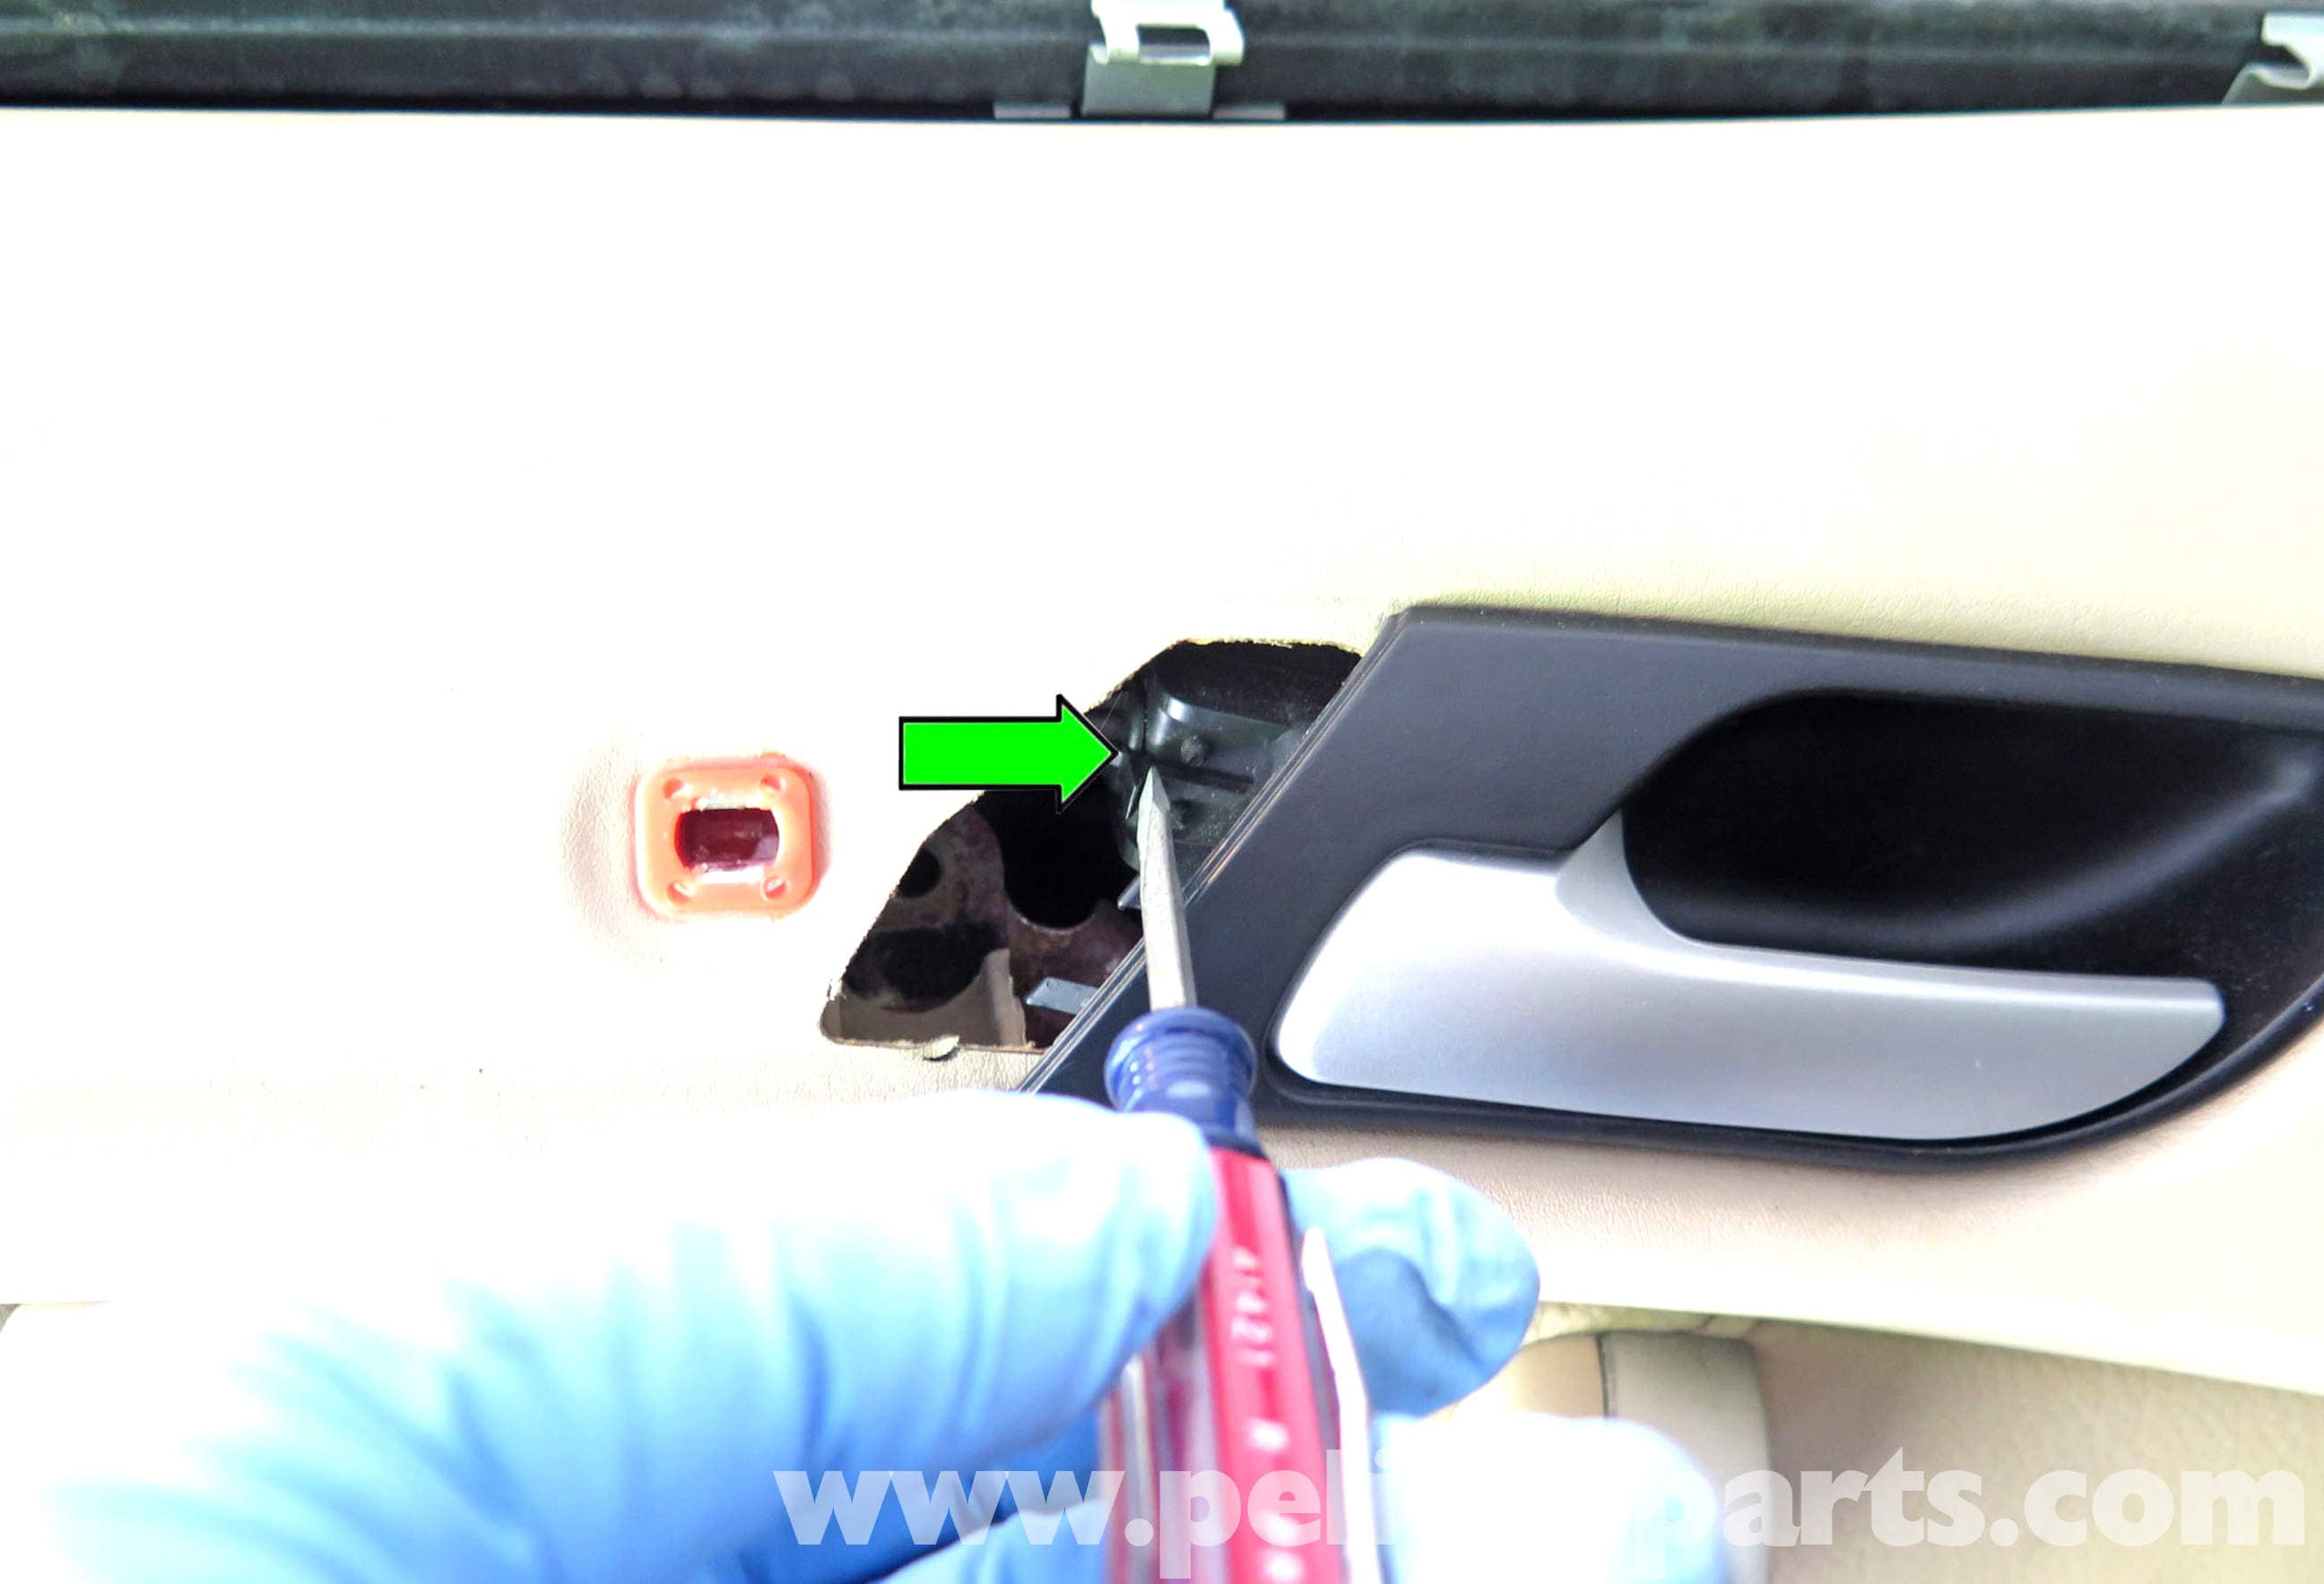 BMW X5 Door Panel Replacement | E53 (2000-2006) | Pelican Parts DIY ...